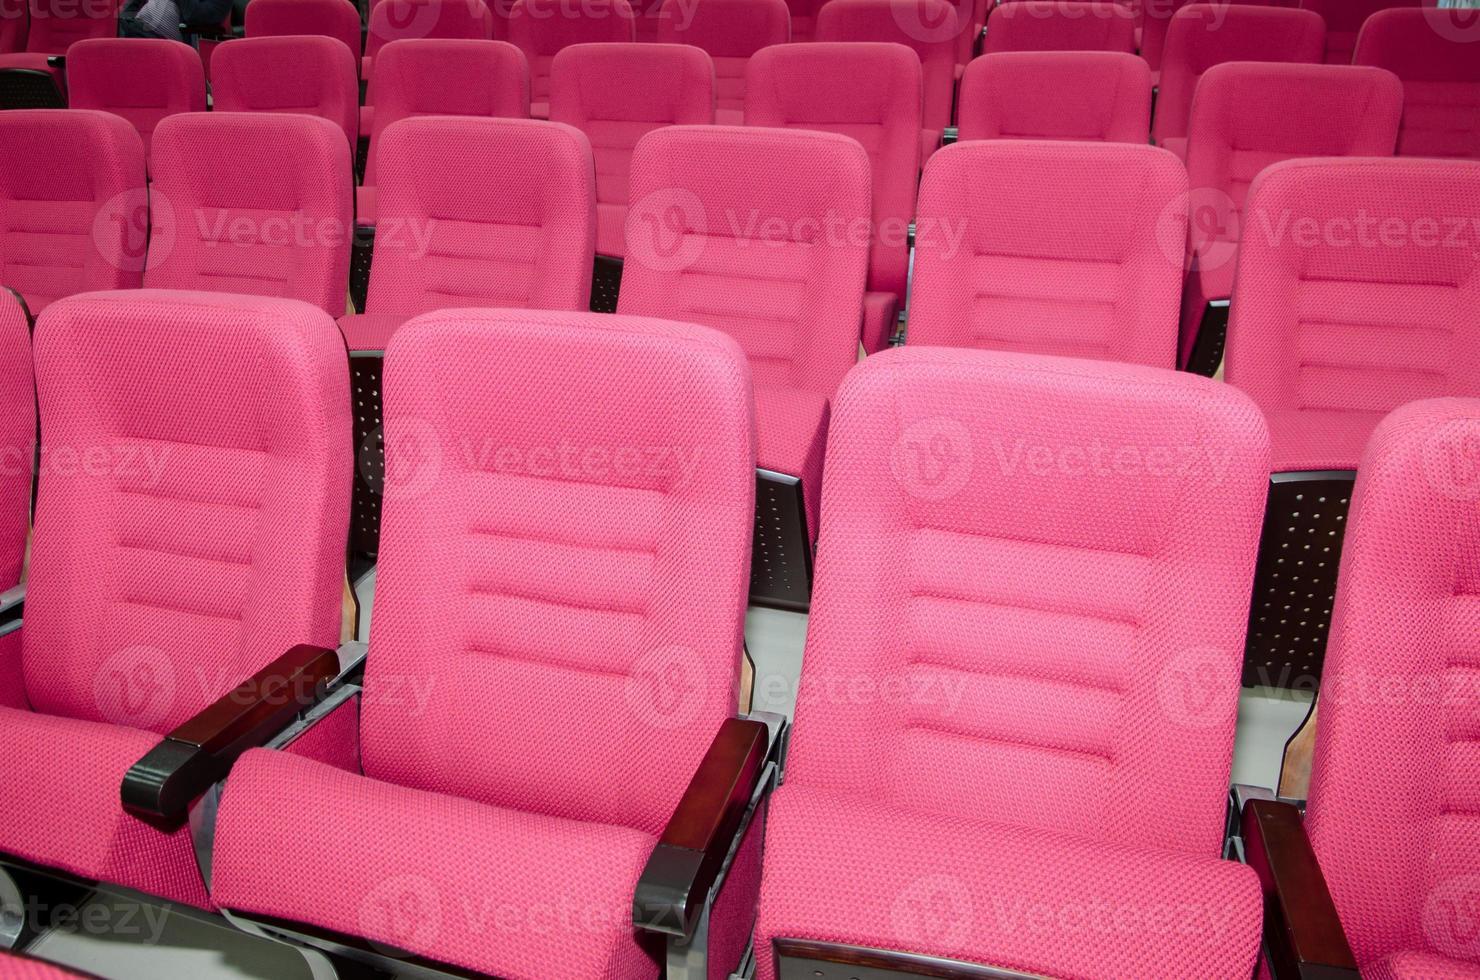 vergaderzaal met rode lege stoelen foto